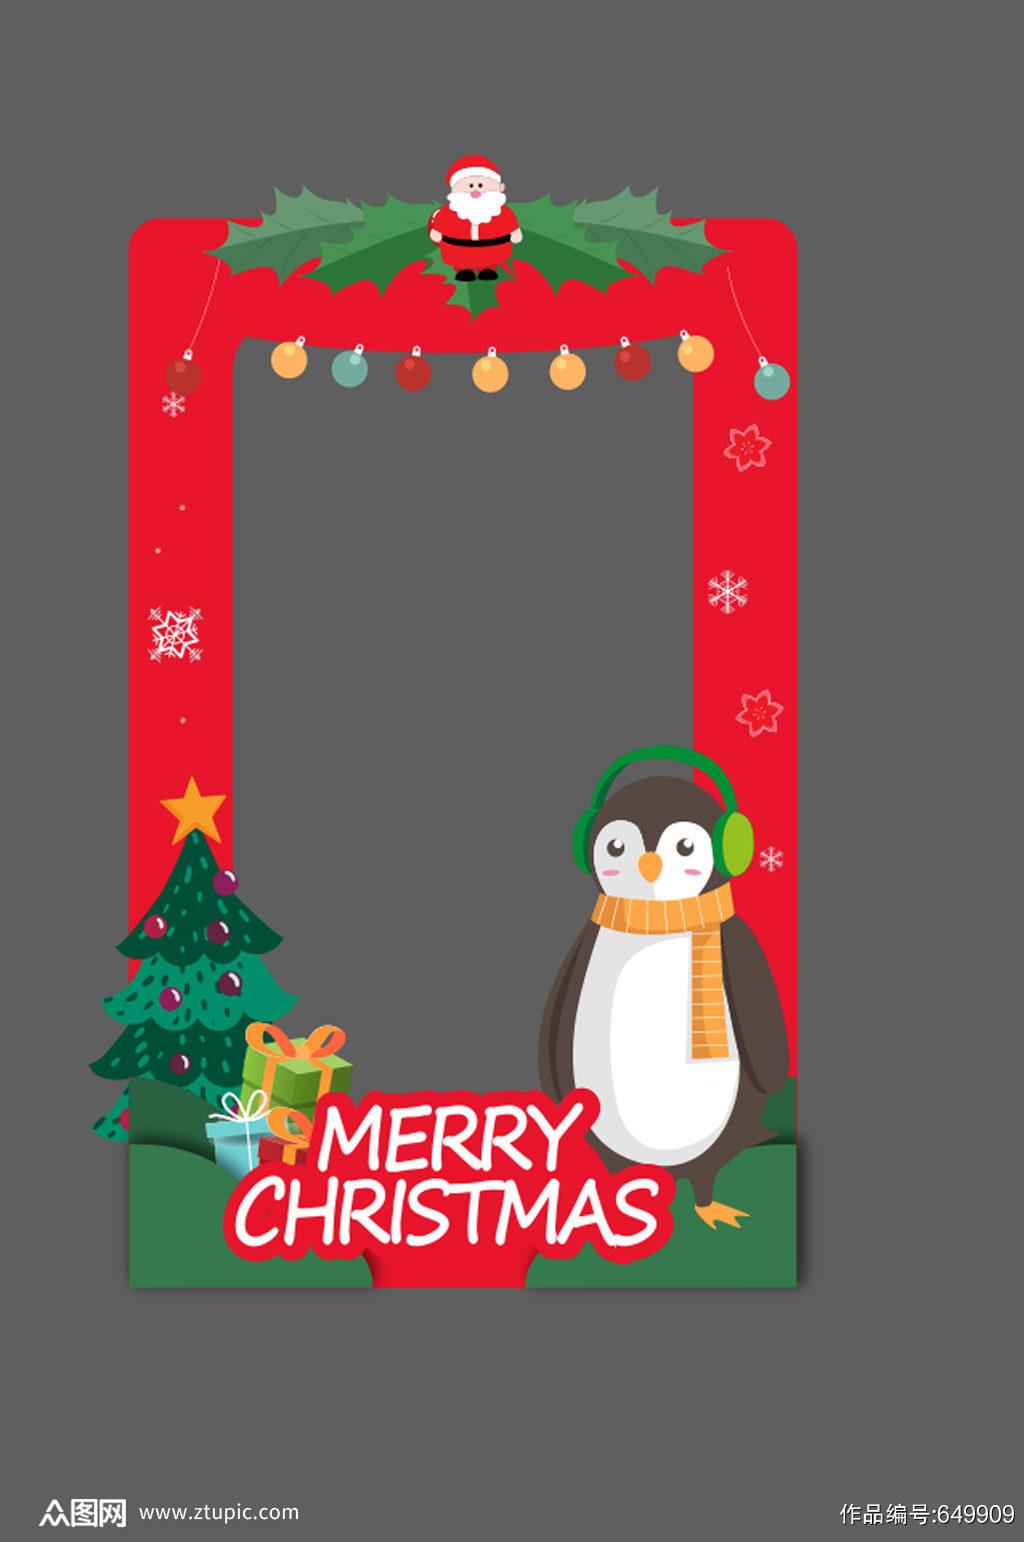 圣诞节可爱企鹅照像框圣诞节美陈拍照框素材